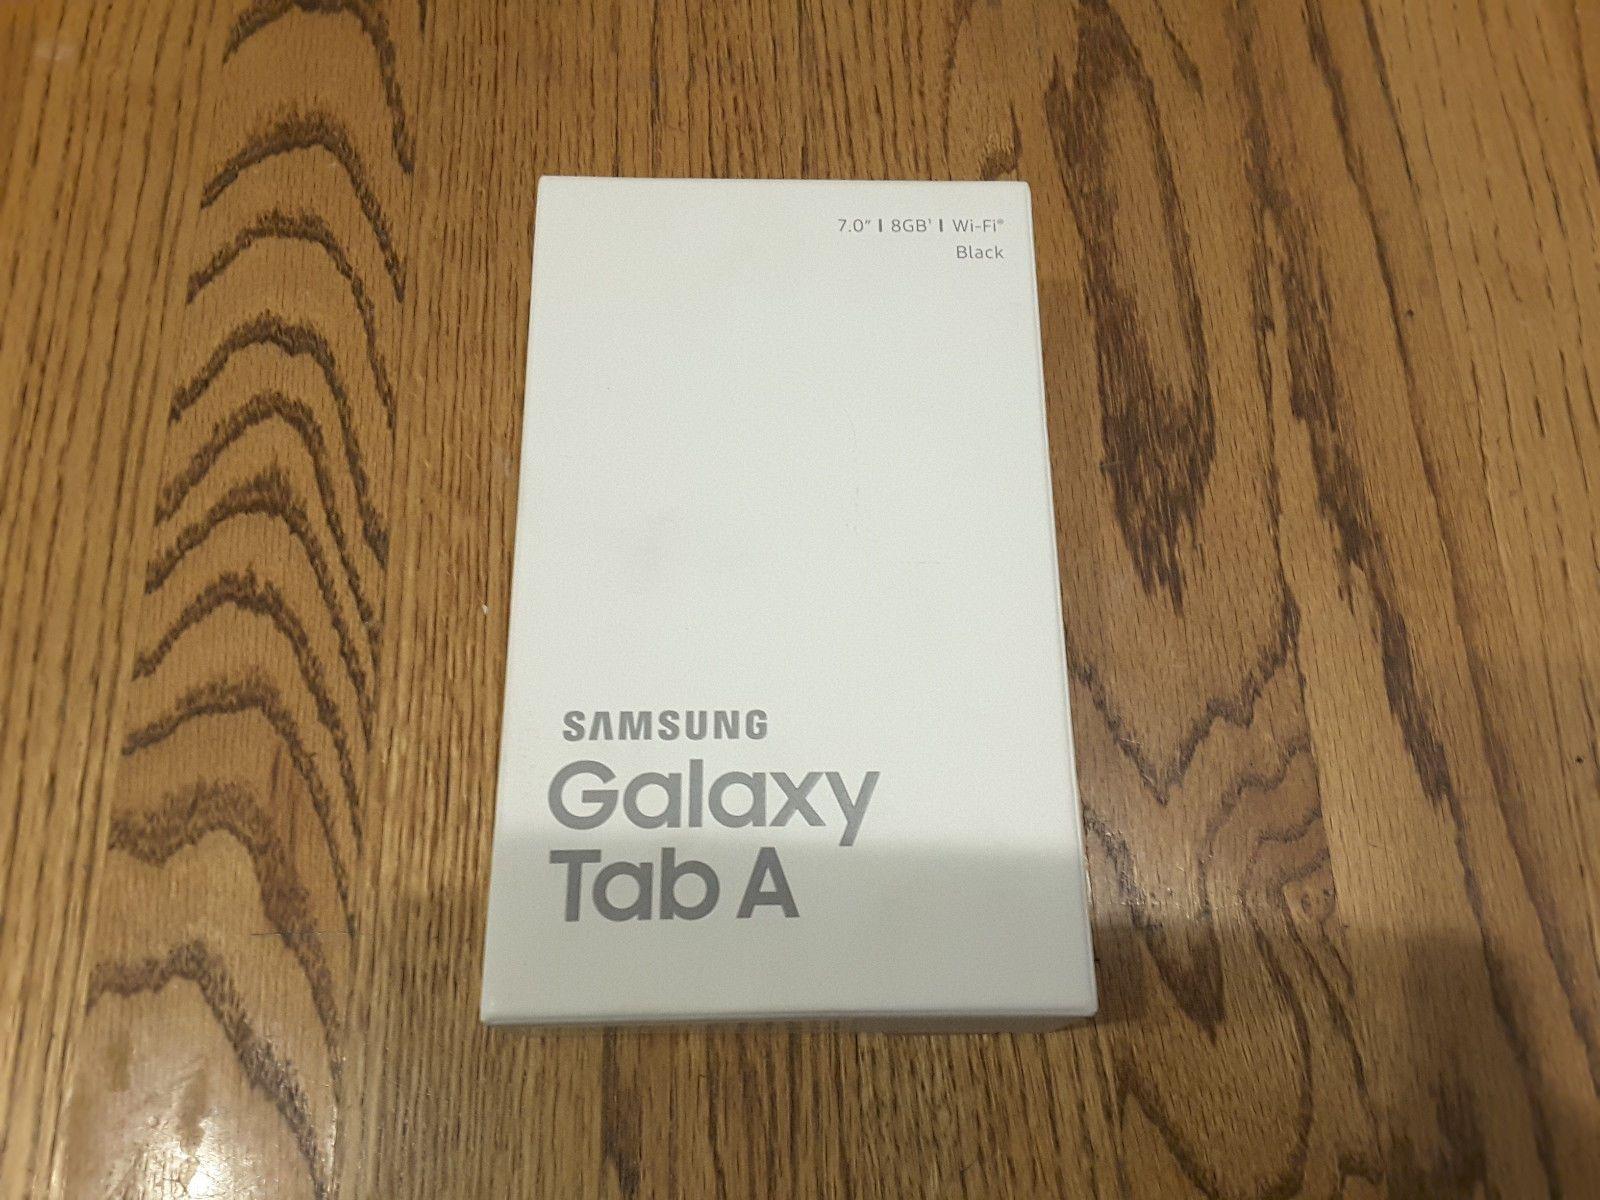 Samsung Galaxy Tab A SM-T280 8GB Wi-Fi 7in  Black (Factory Sealed)